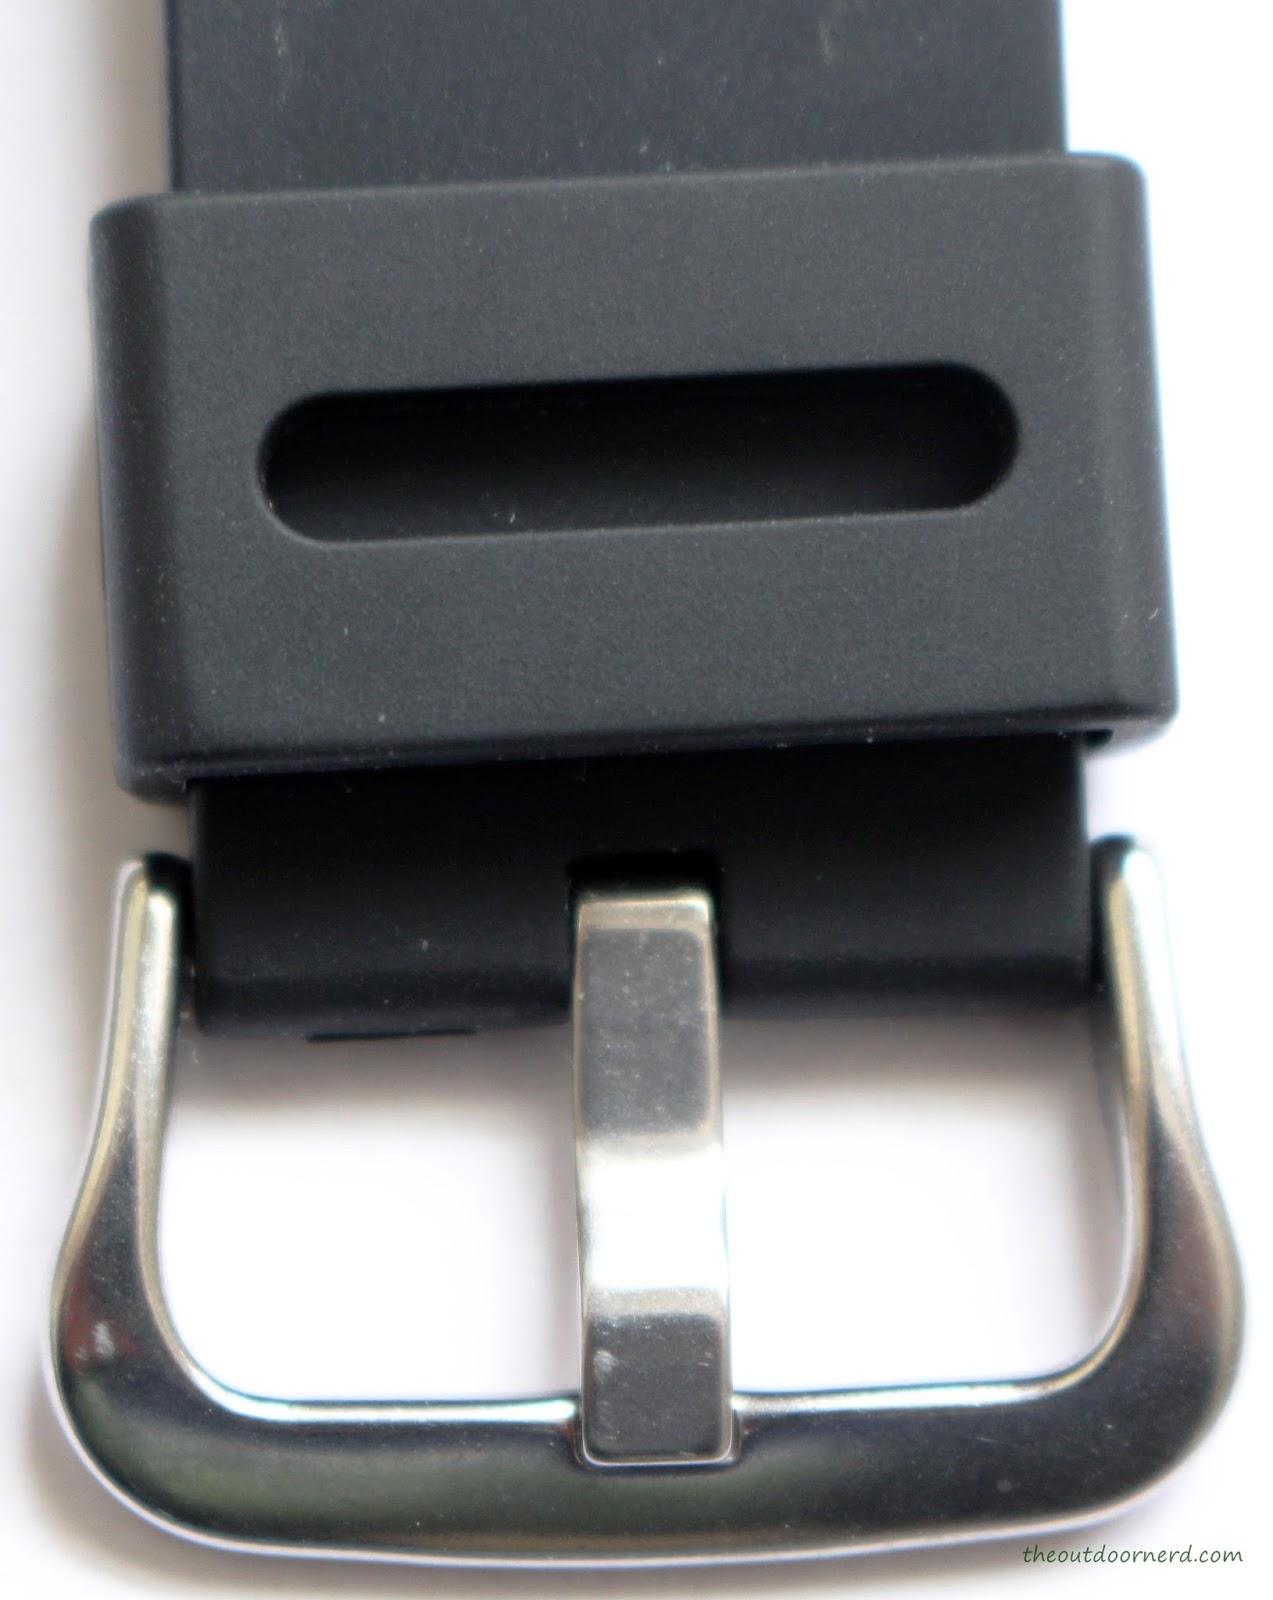 Casio MDV106-1A Diver's Watch: Closeup of Buckle